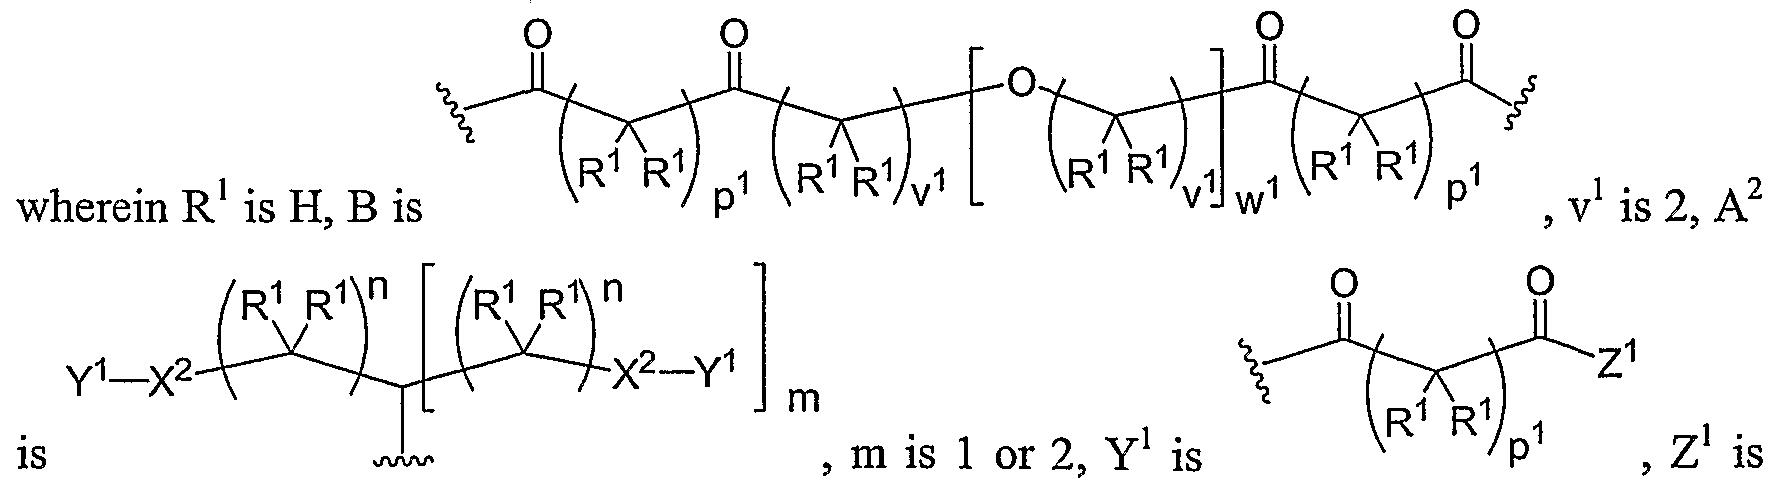 Figure imgf000108_0003